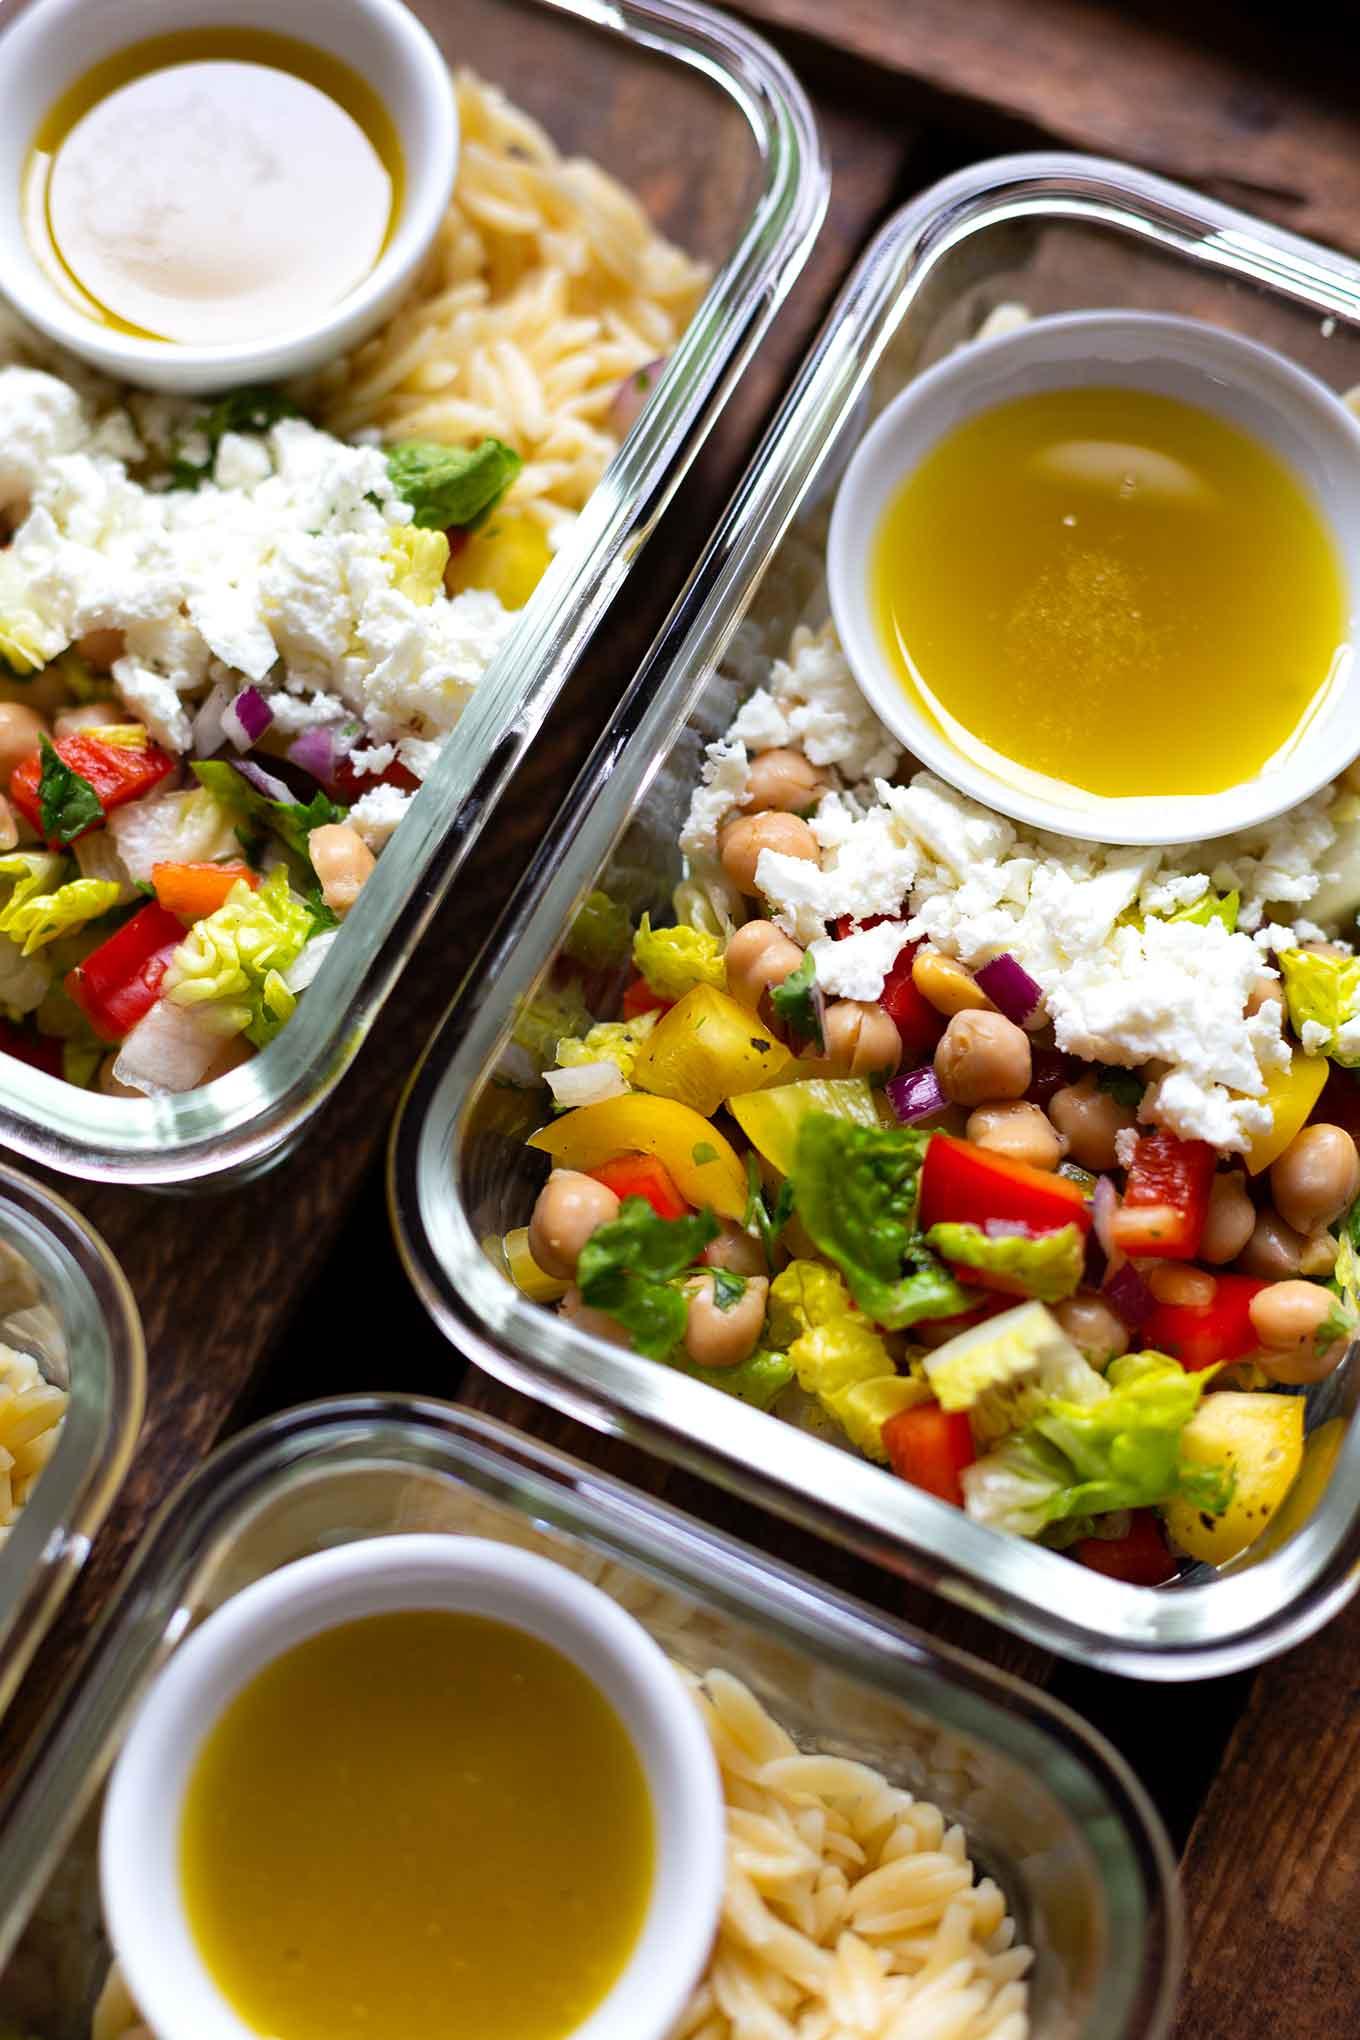 Orzo Kichererbsen Meal Prep Salat mit Feta. Dieses super einfache, gesunde Meal Prep Rezept ist schnell gemacht und SO gut! - Kochkarussell Foodblog #mealprep #salat #kochkarussell